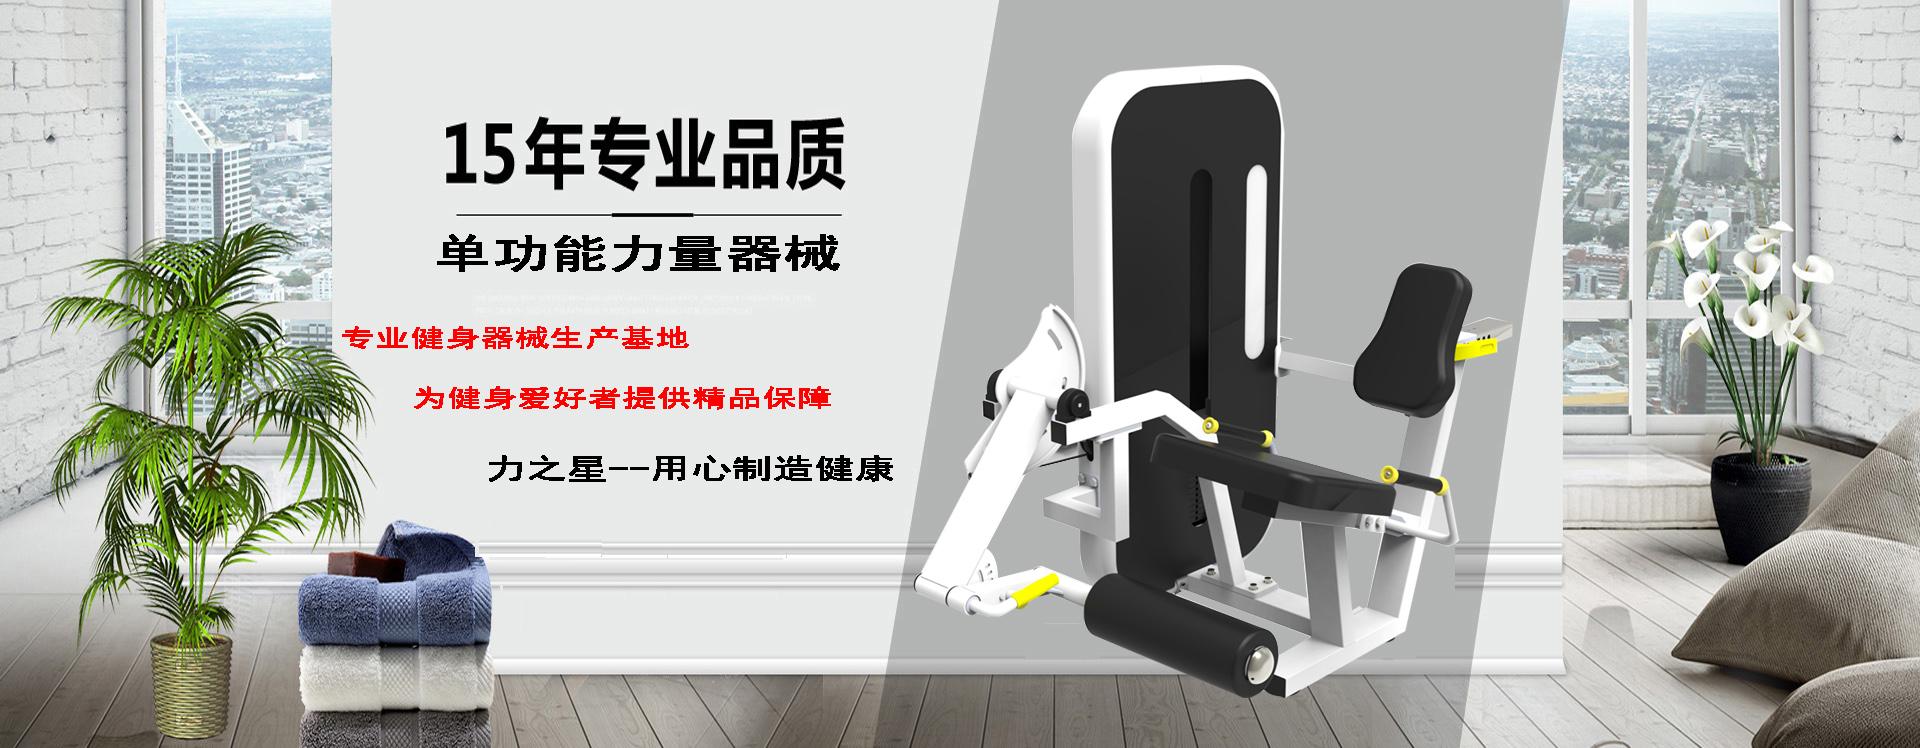 健身器材生产厂家